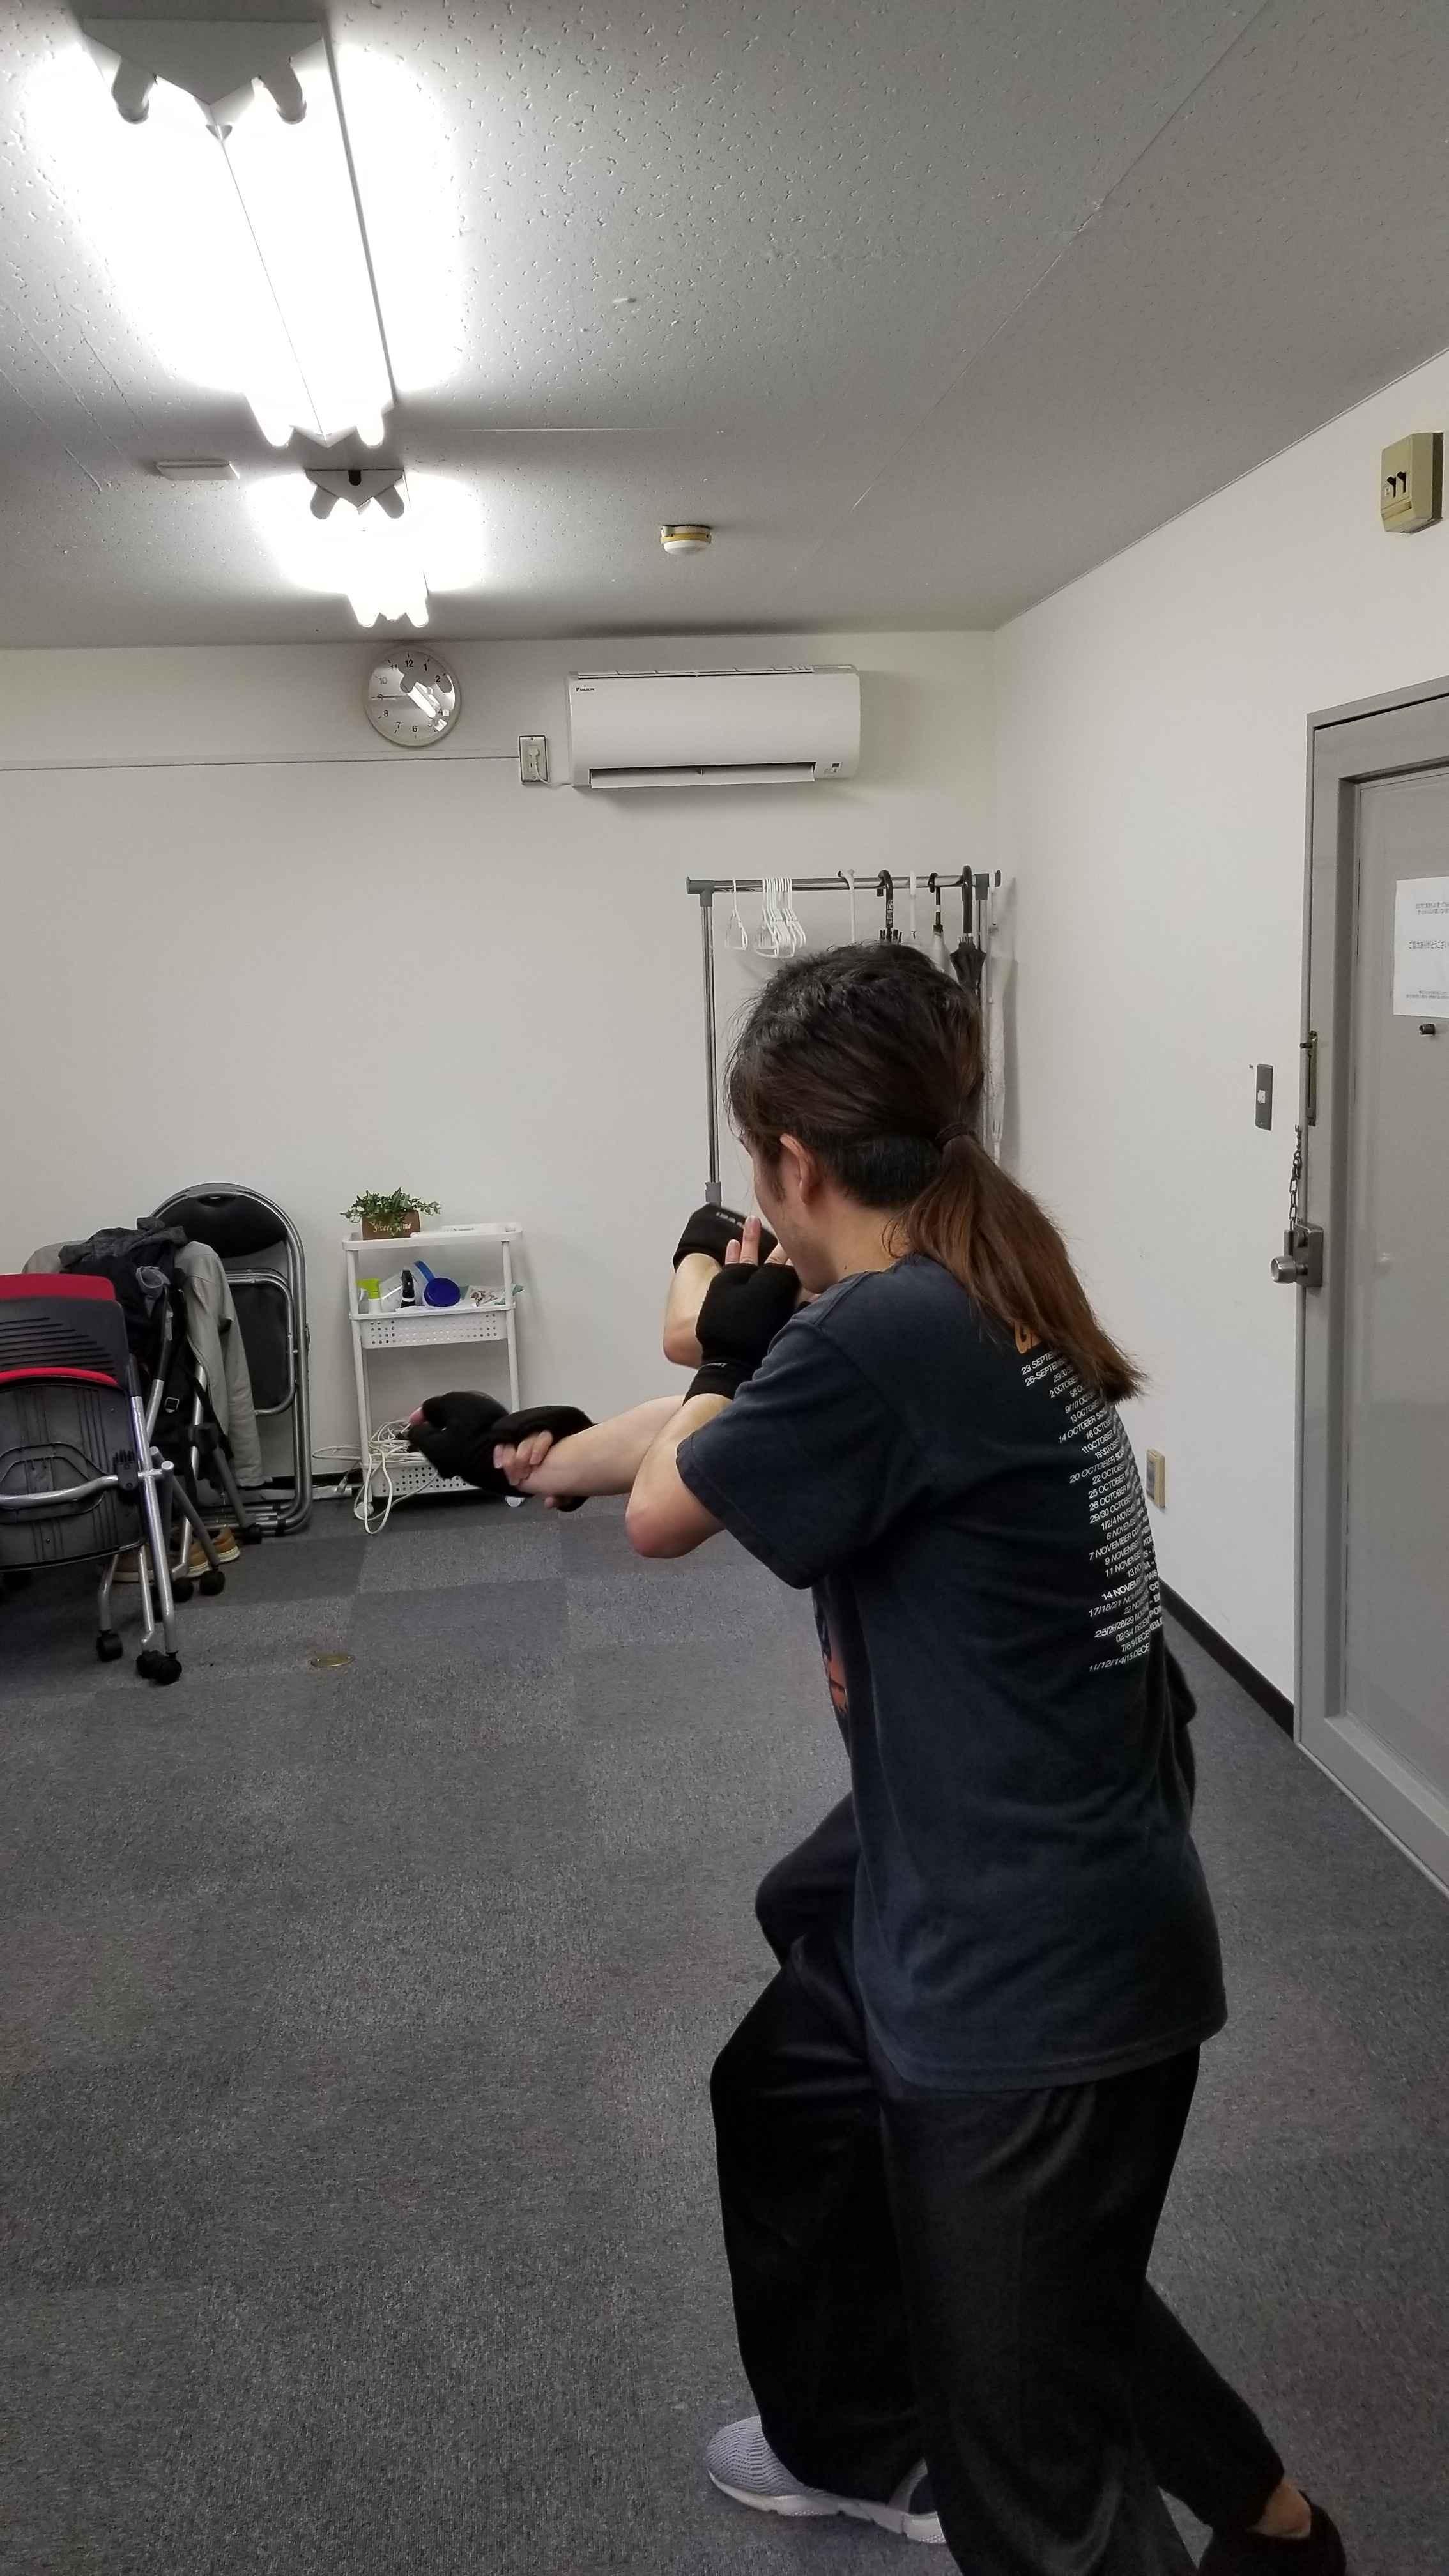 プライベートカンフーレッスン 八極拳&蟷螂拳 なんば教室